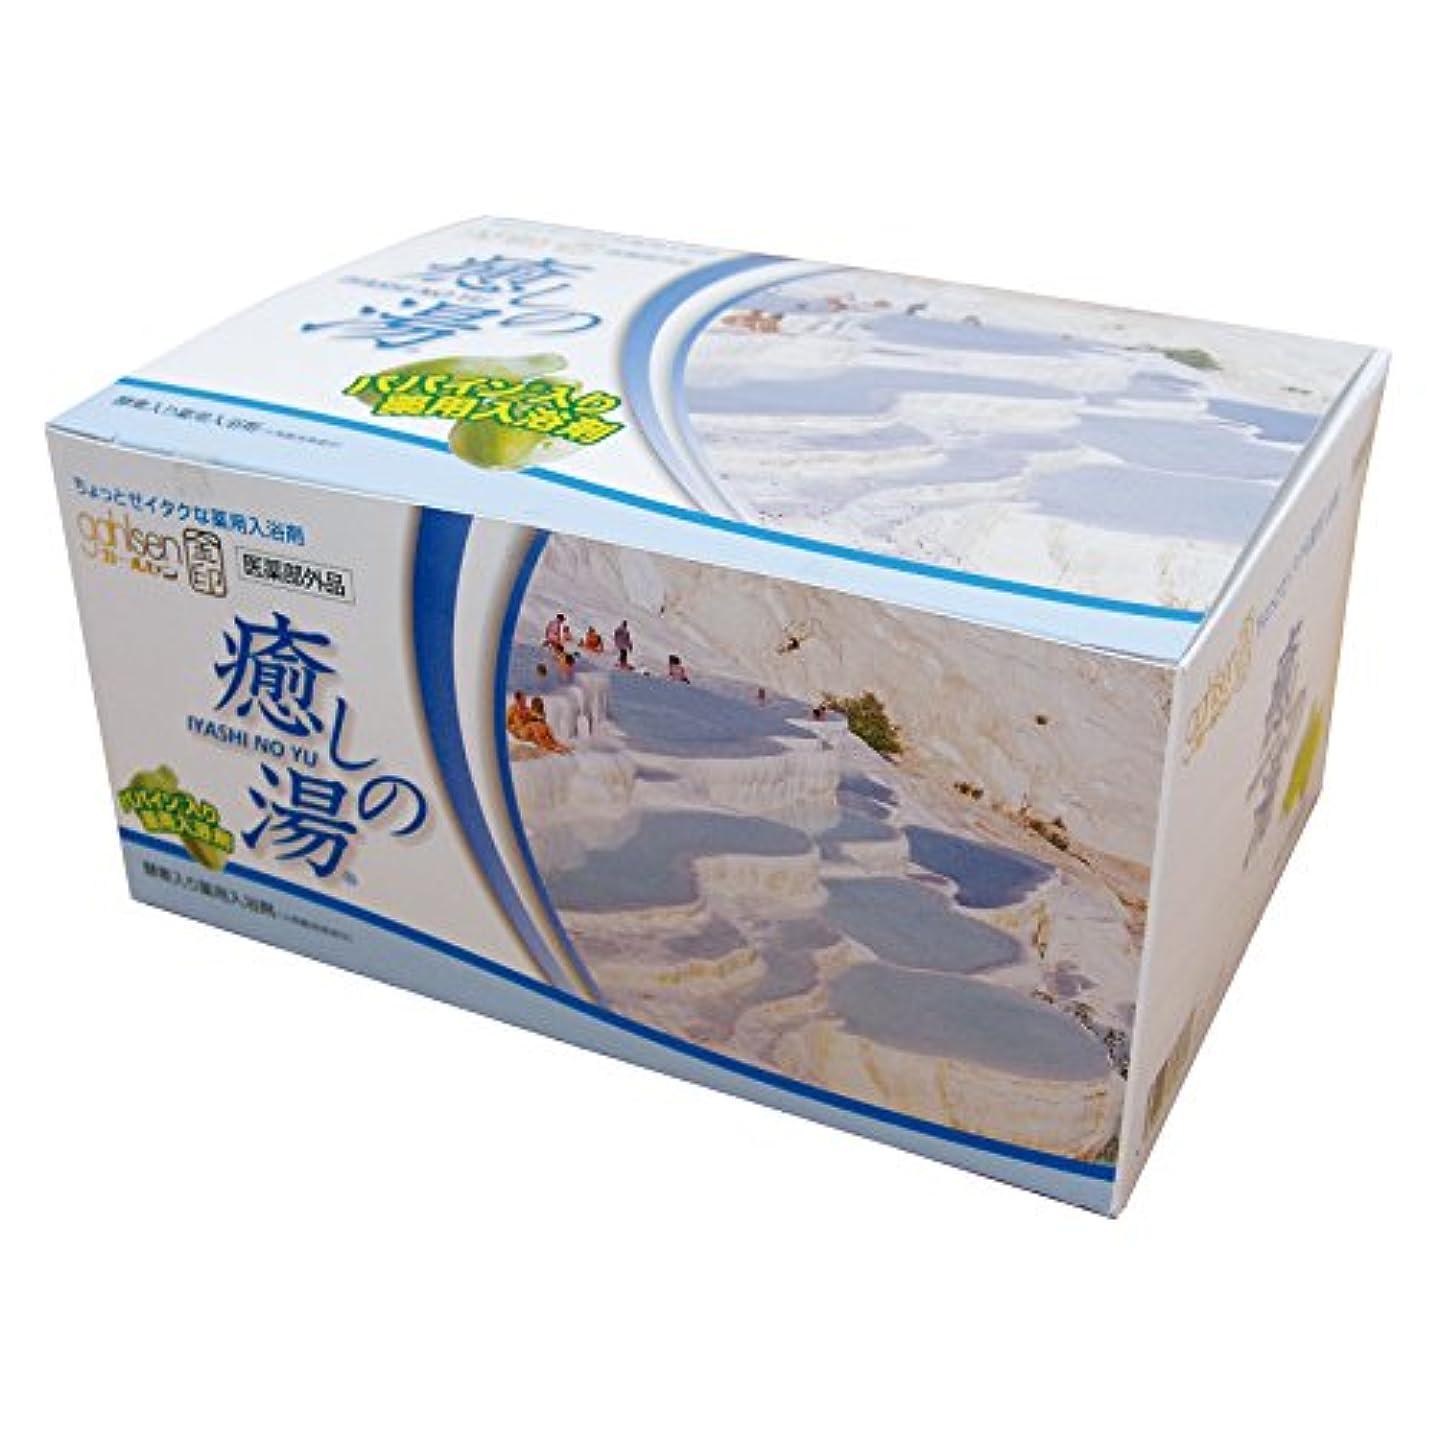 返還ヶ月目冷ややかなガールセン 癒しの湯 金印 60包